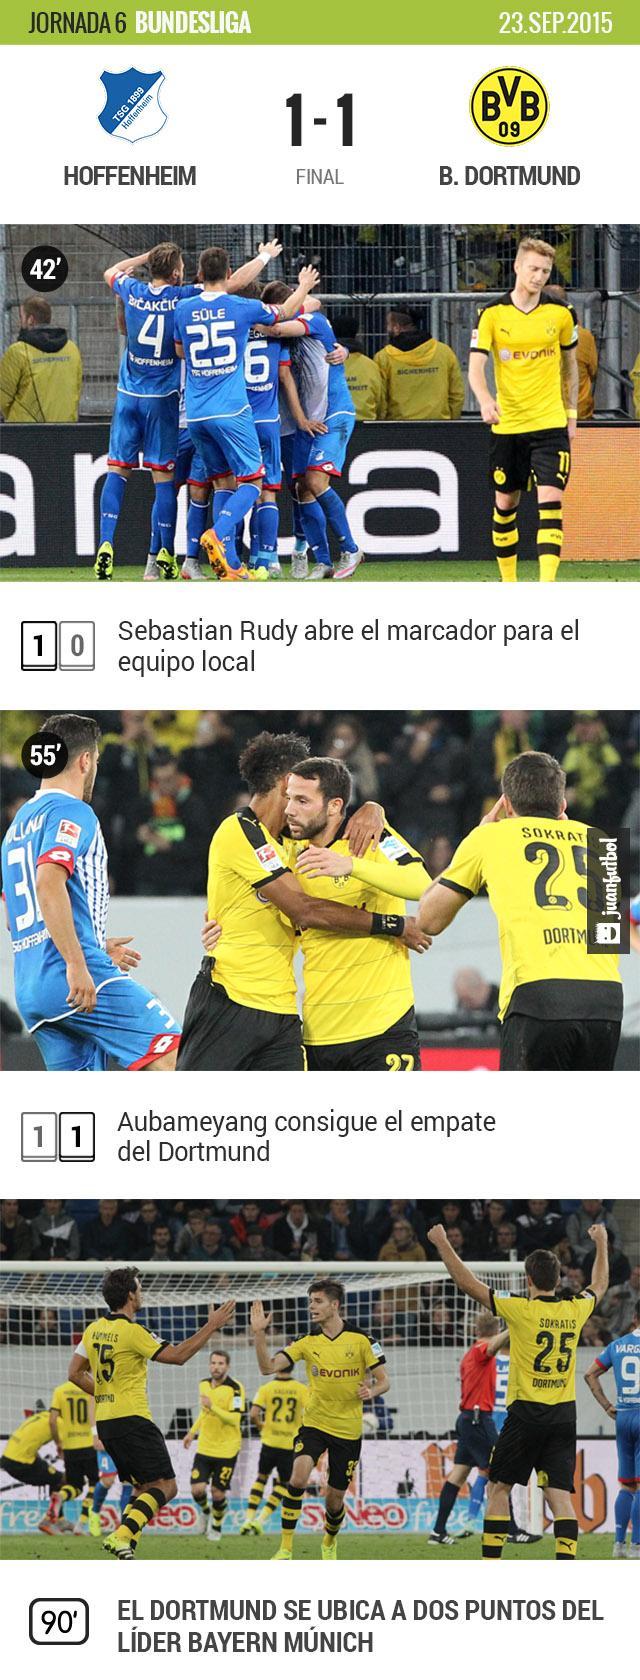 El Borussia Dortmund rescató un empate en su visita al Hoffenheim